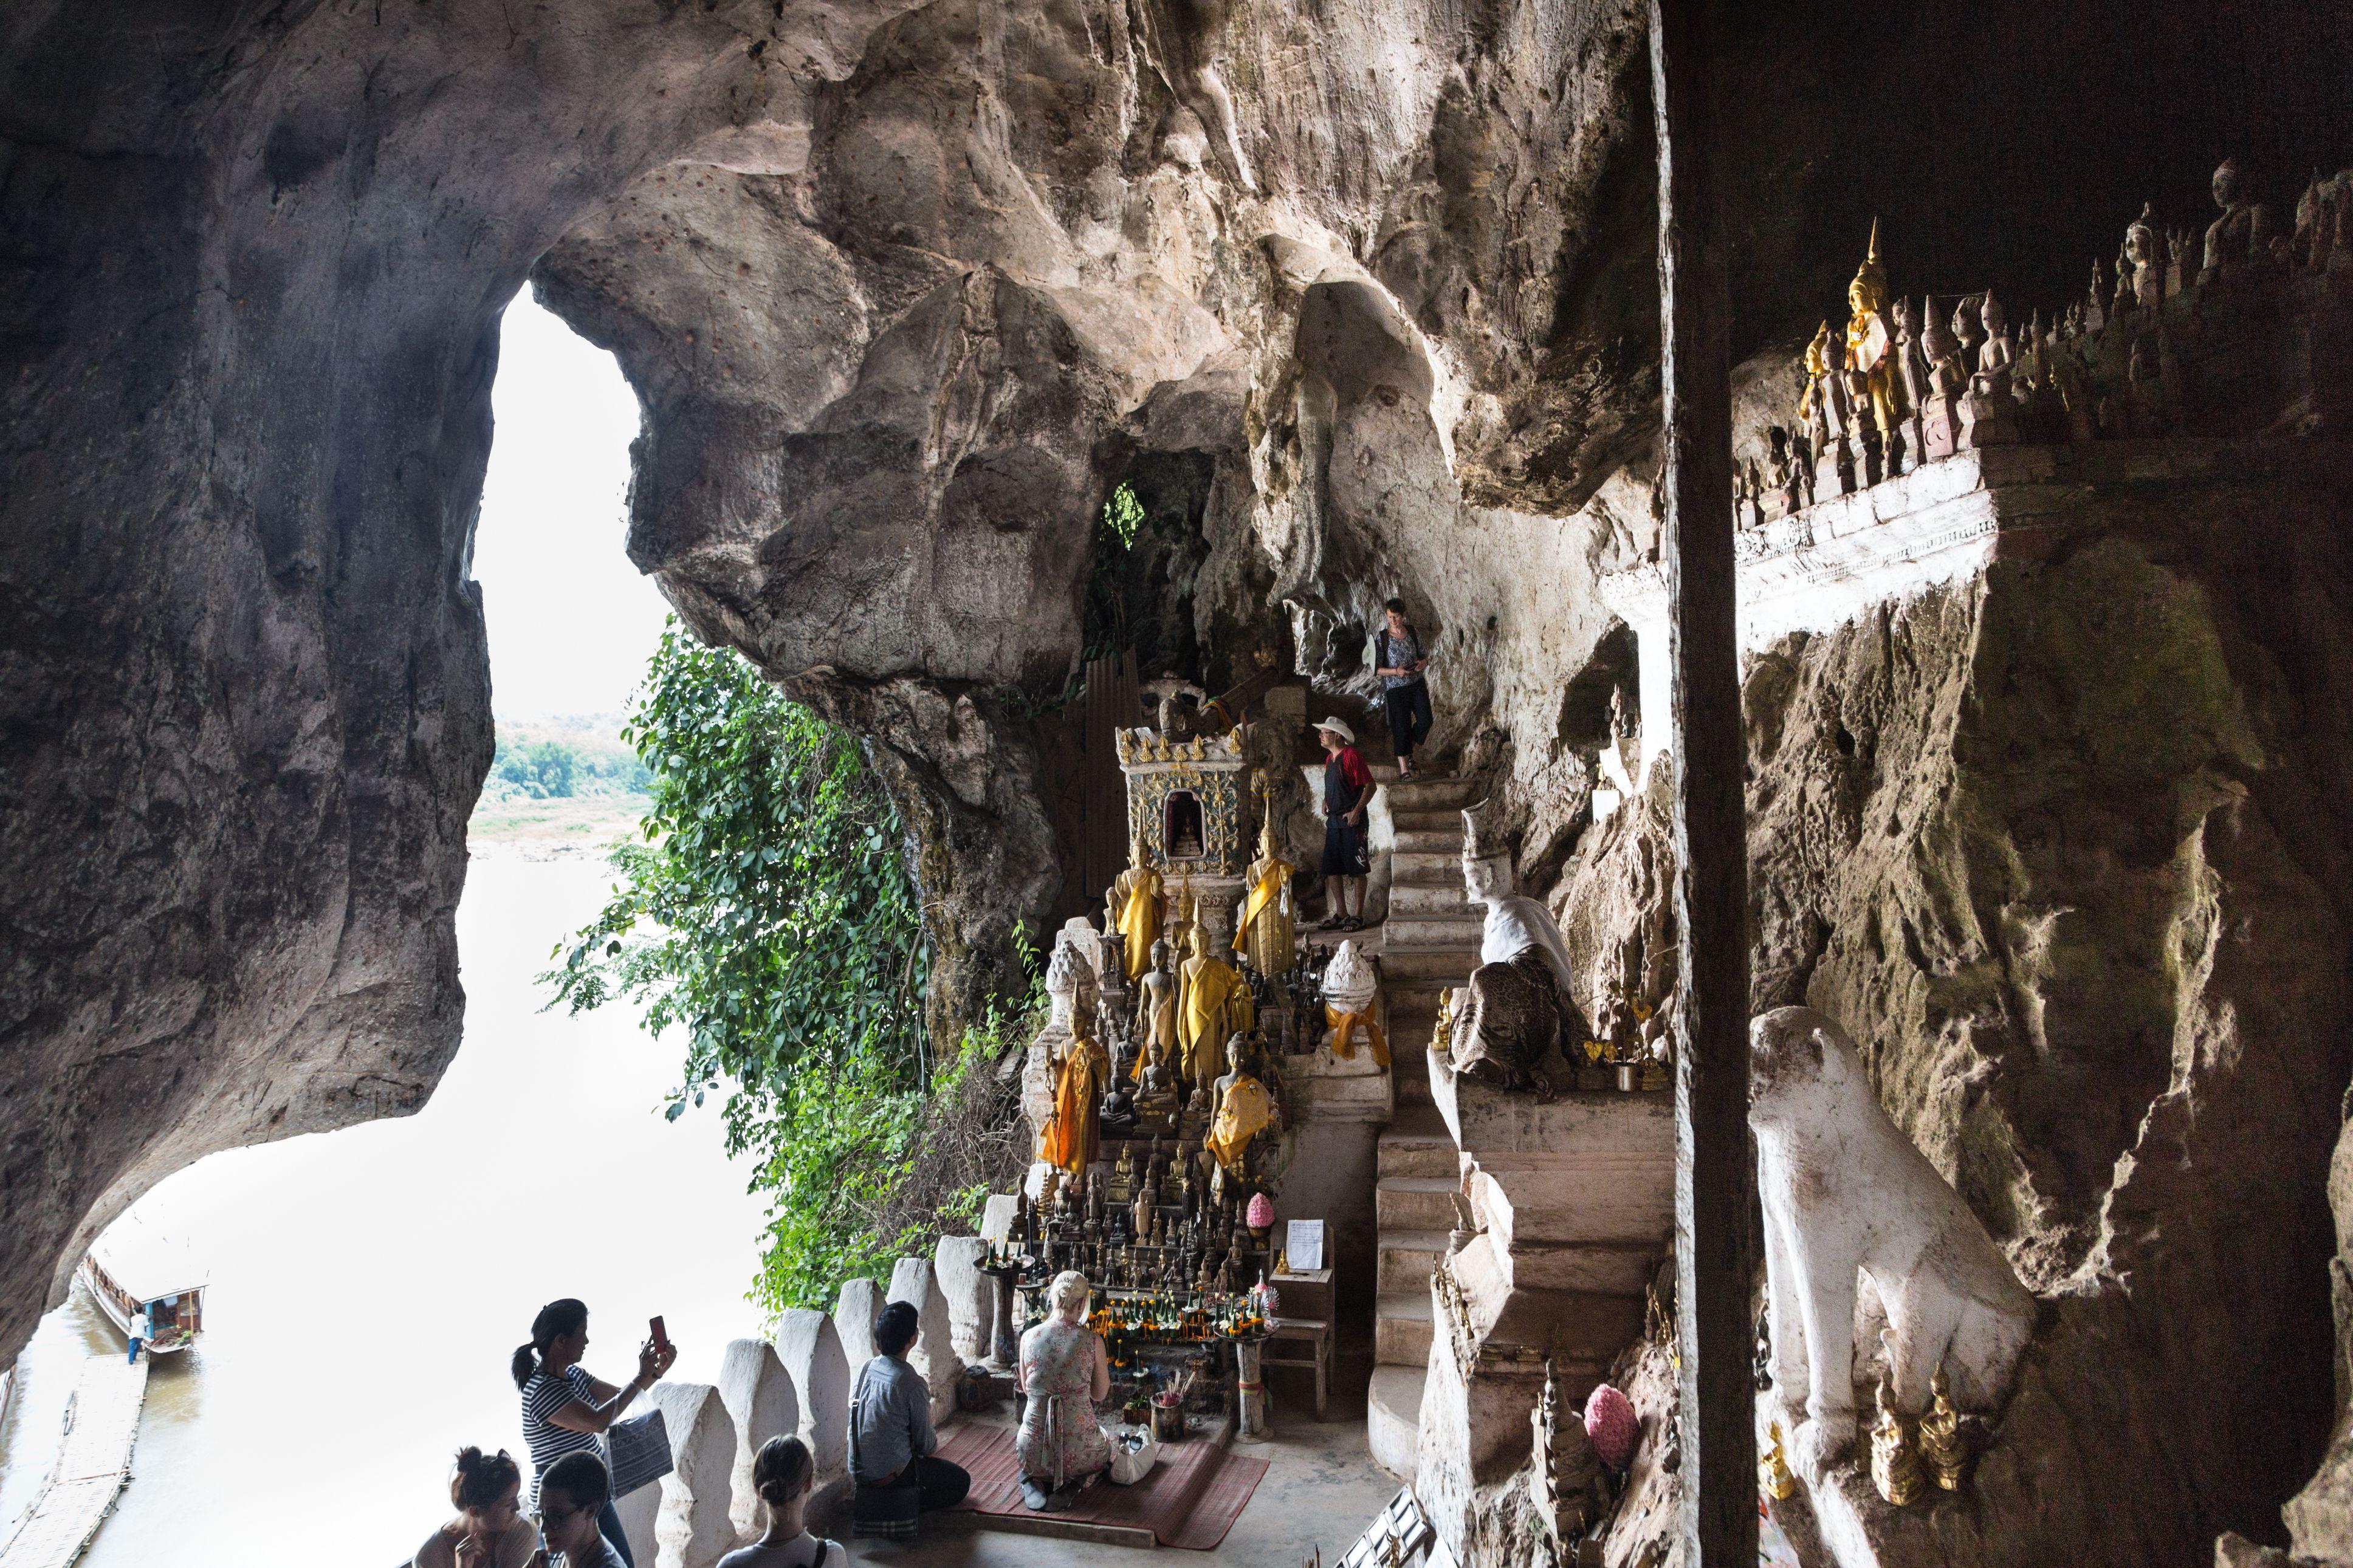 Pak Ou Cave temple in Laos